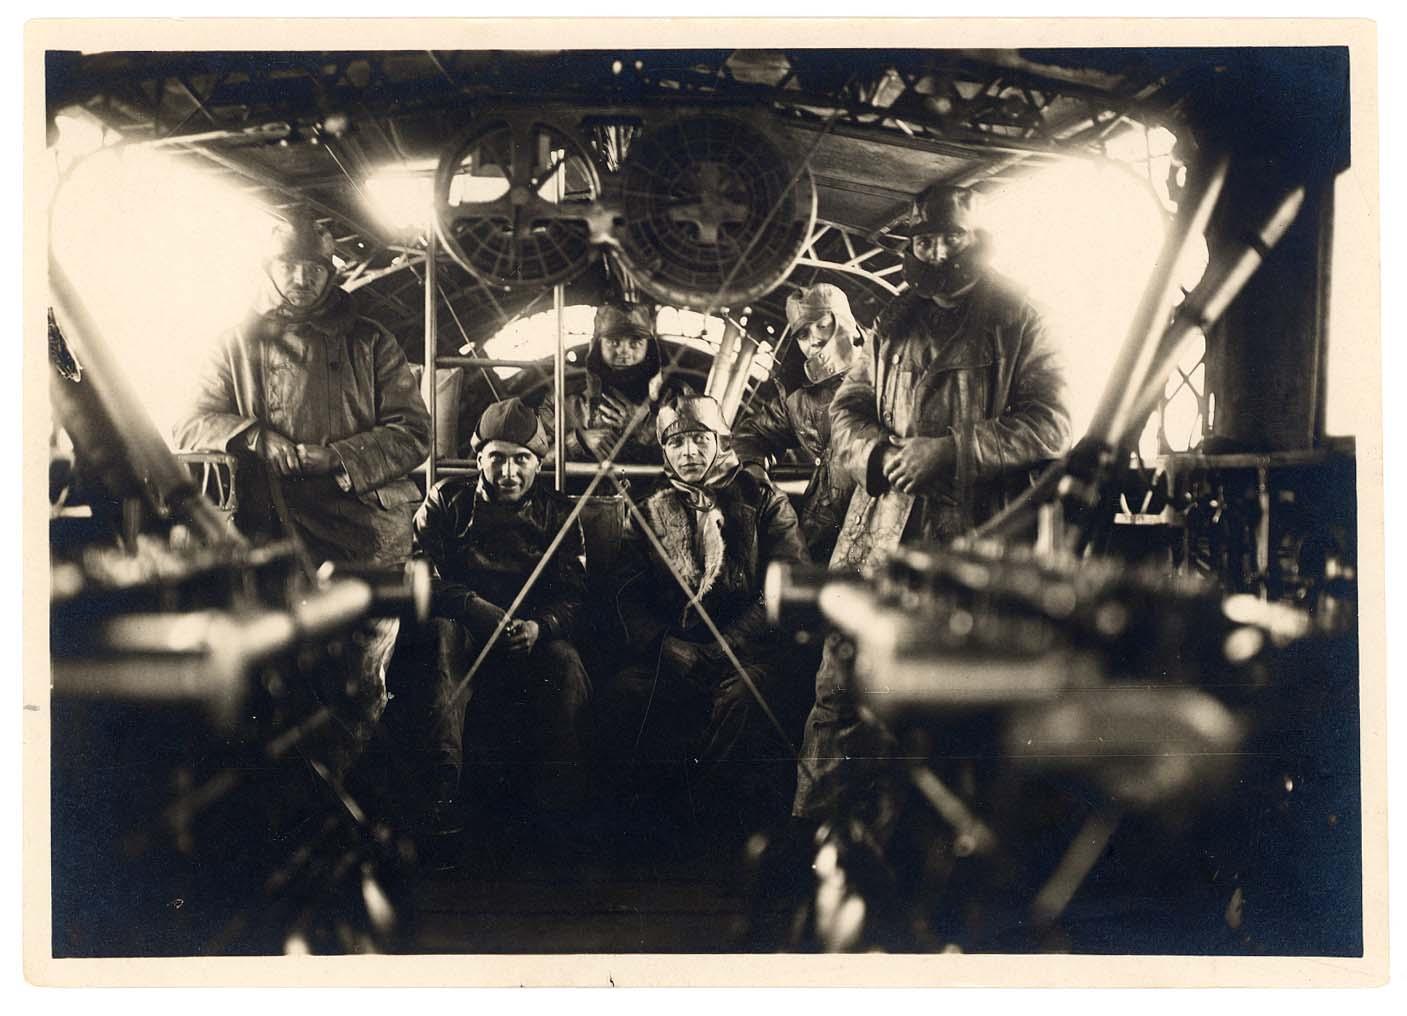 Archivio Comunale - 1921 - Topografia_jpg_foto 0030 2-13